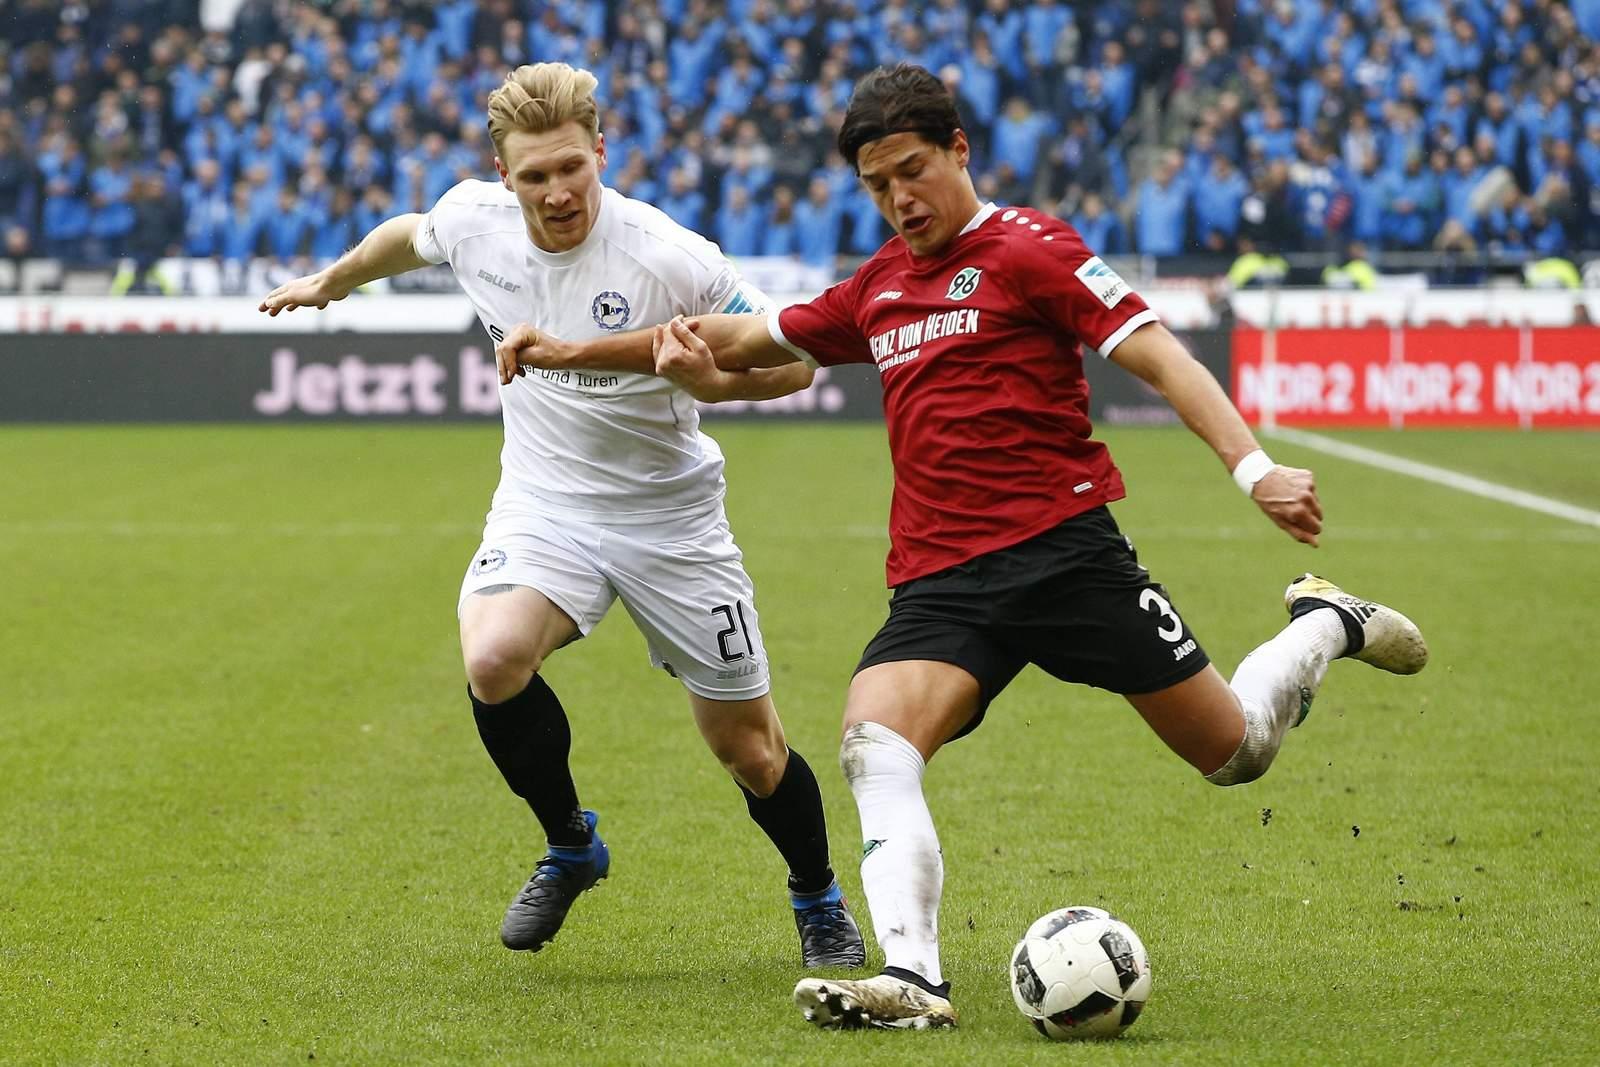 Andreas Voglsammer von Arminia Bielefeld gegen Miiko Albornoz von Hannover 96